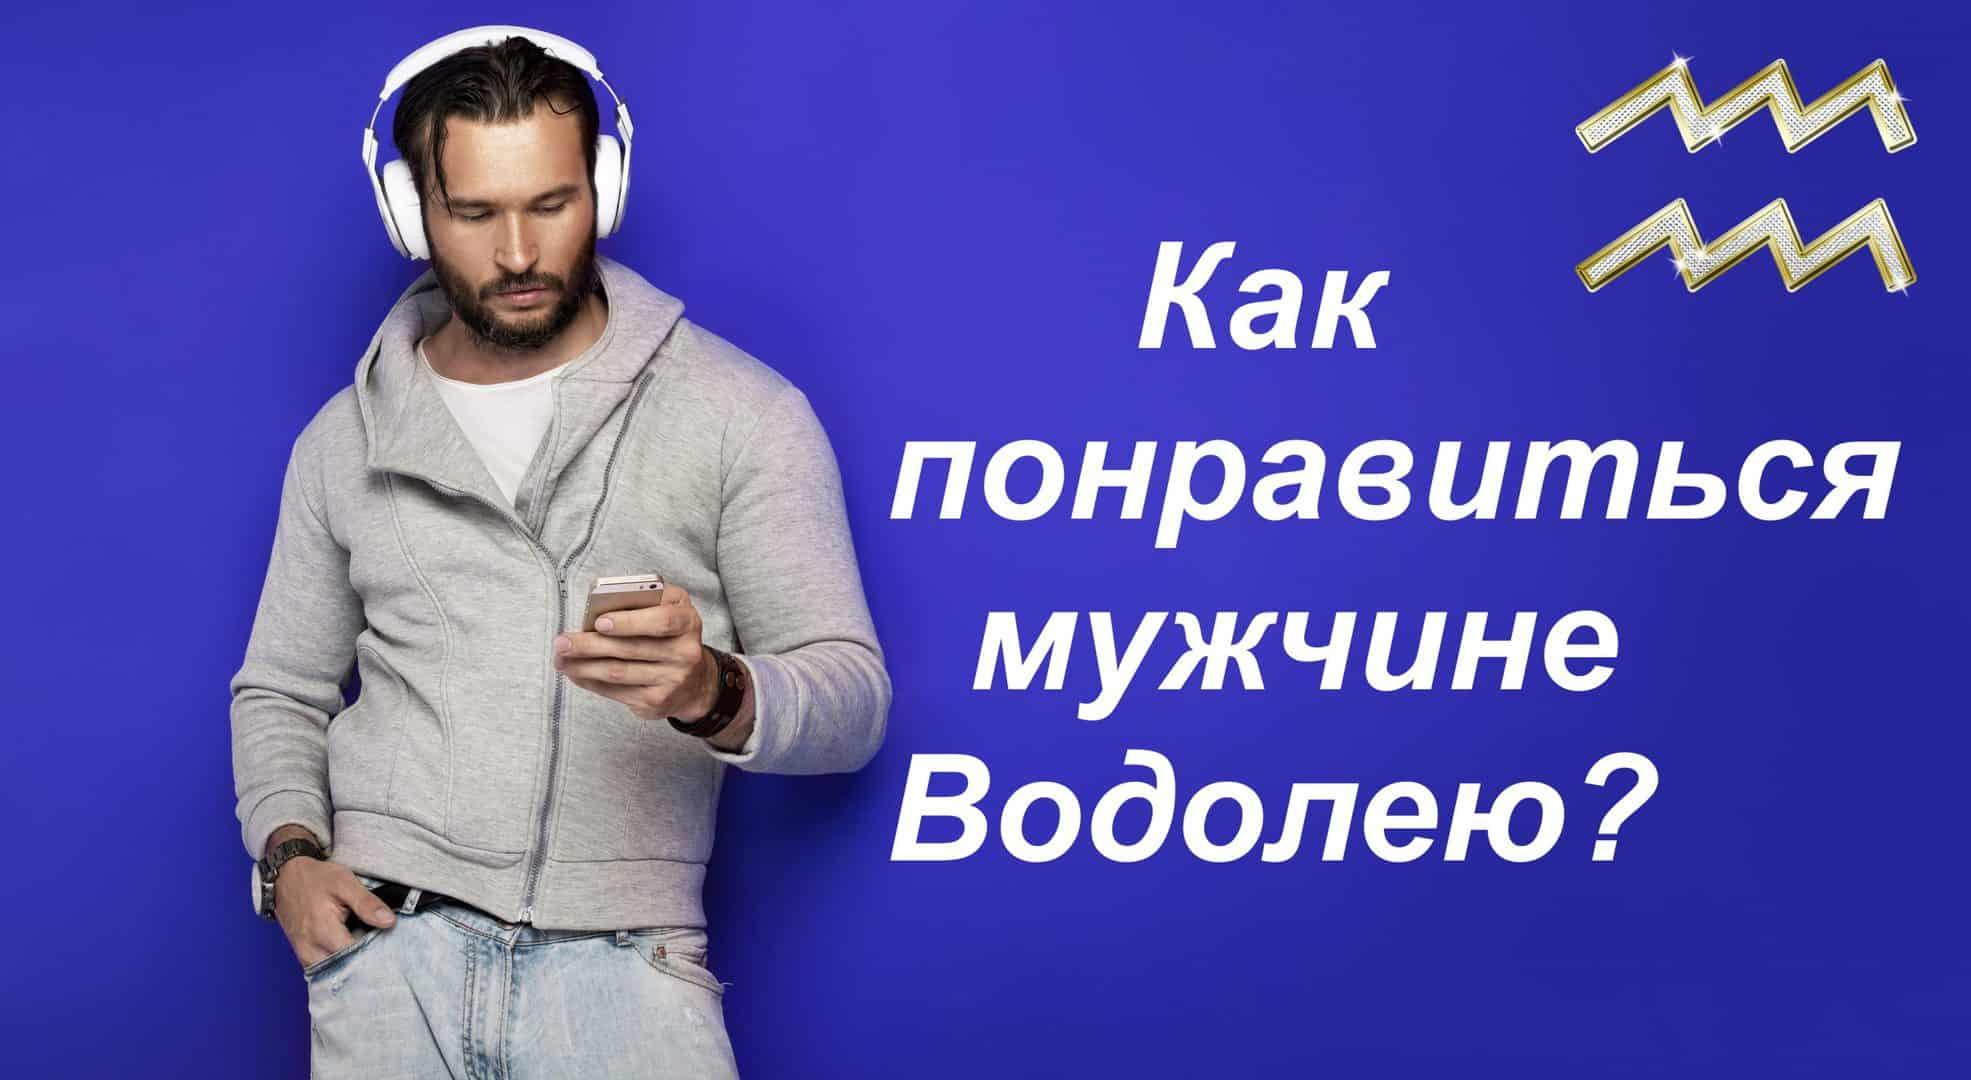 Как понравиться мужчине Водолею - изображение с текстом